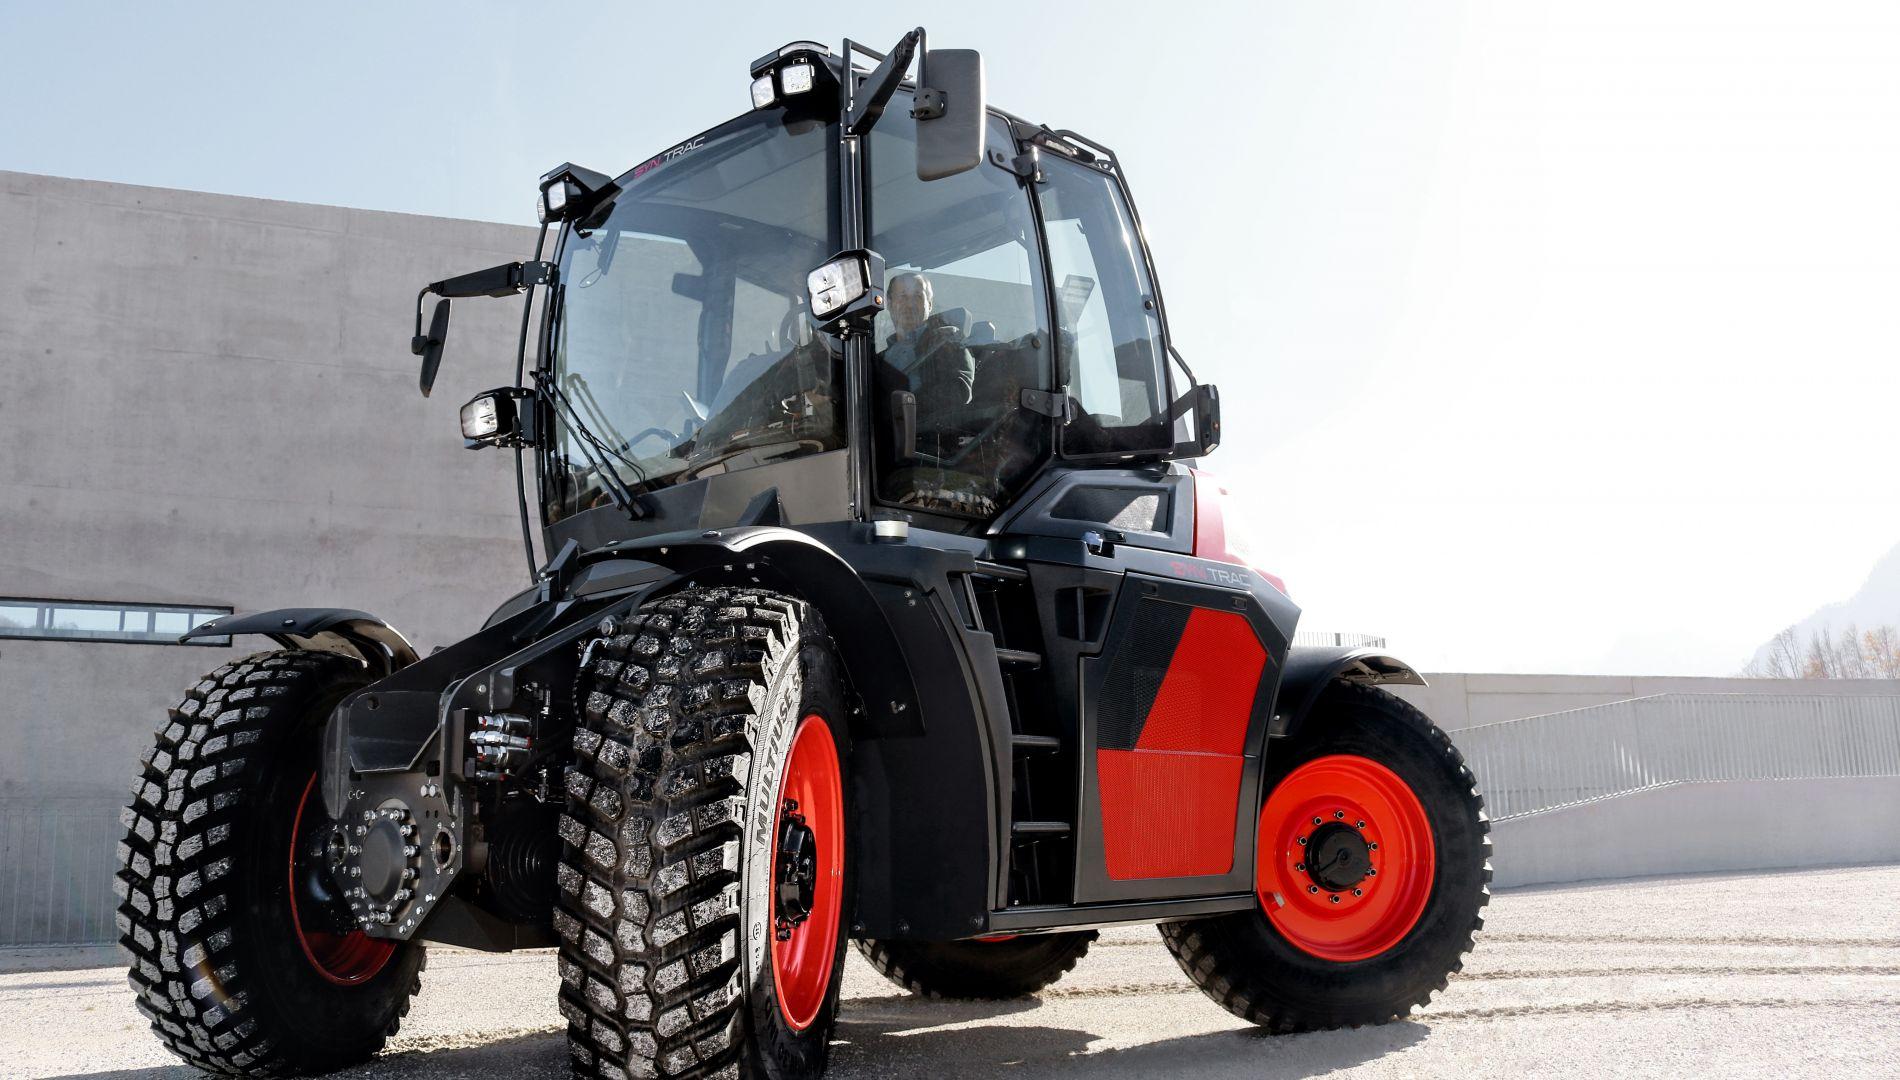 SYN TRAC, Fahrzeug, Innovation, syntrac, syn trac, Traktor